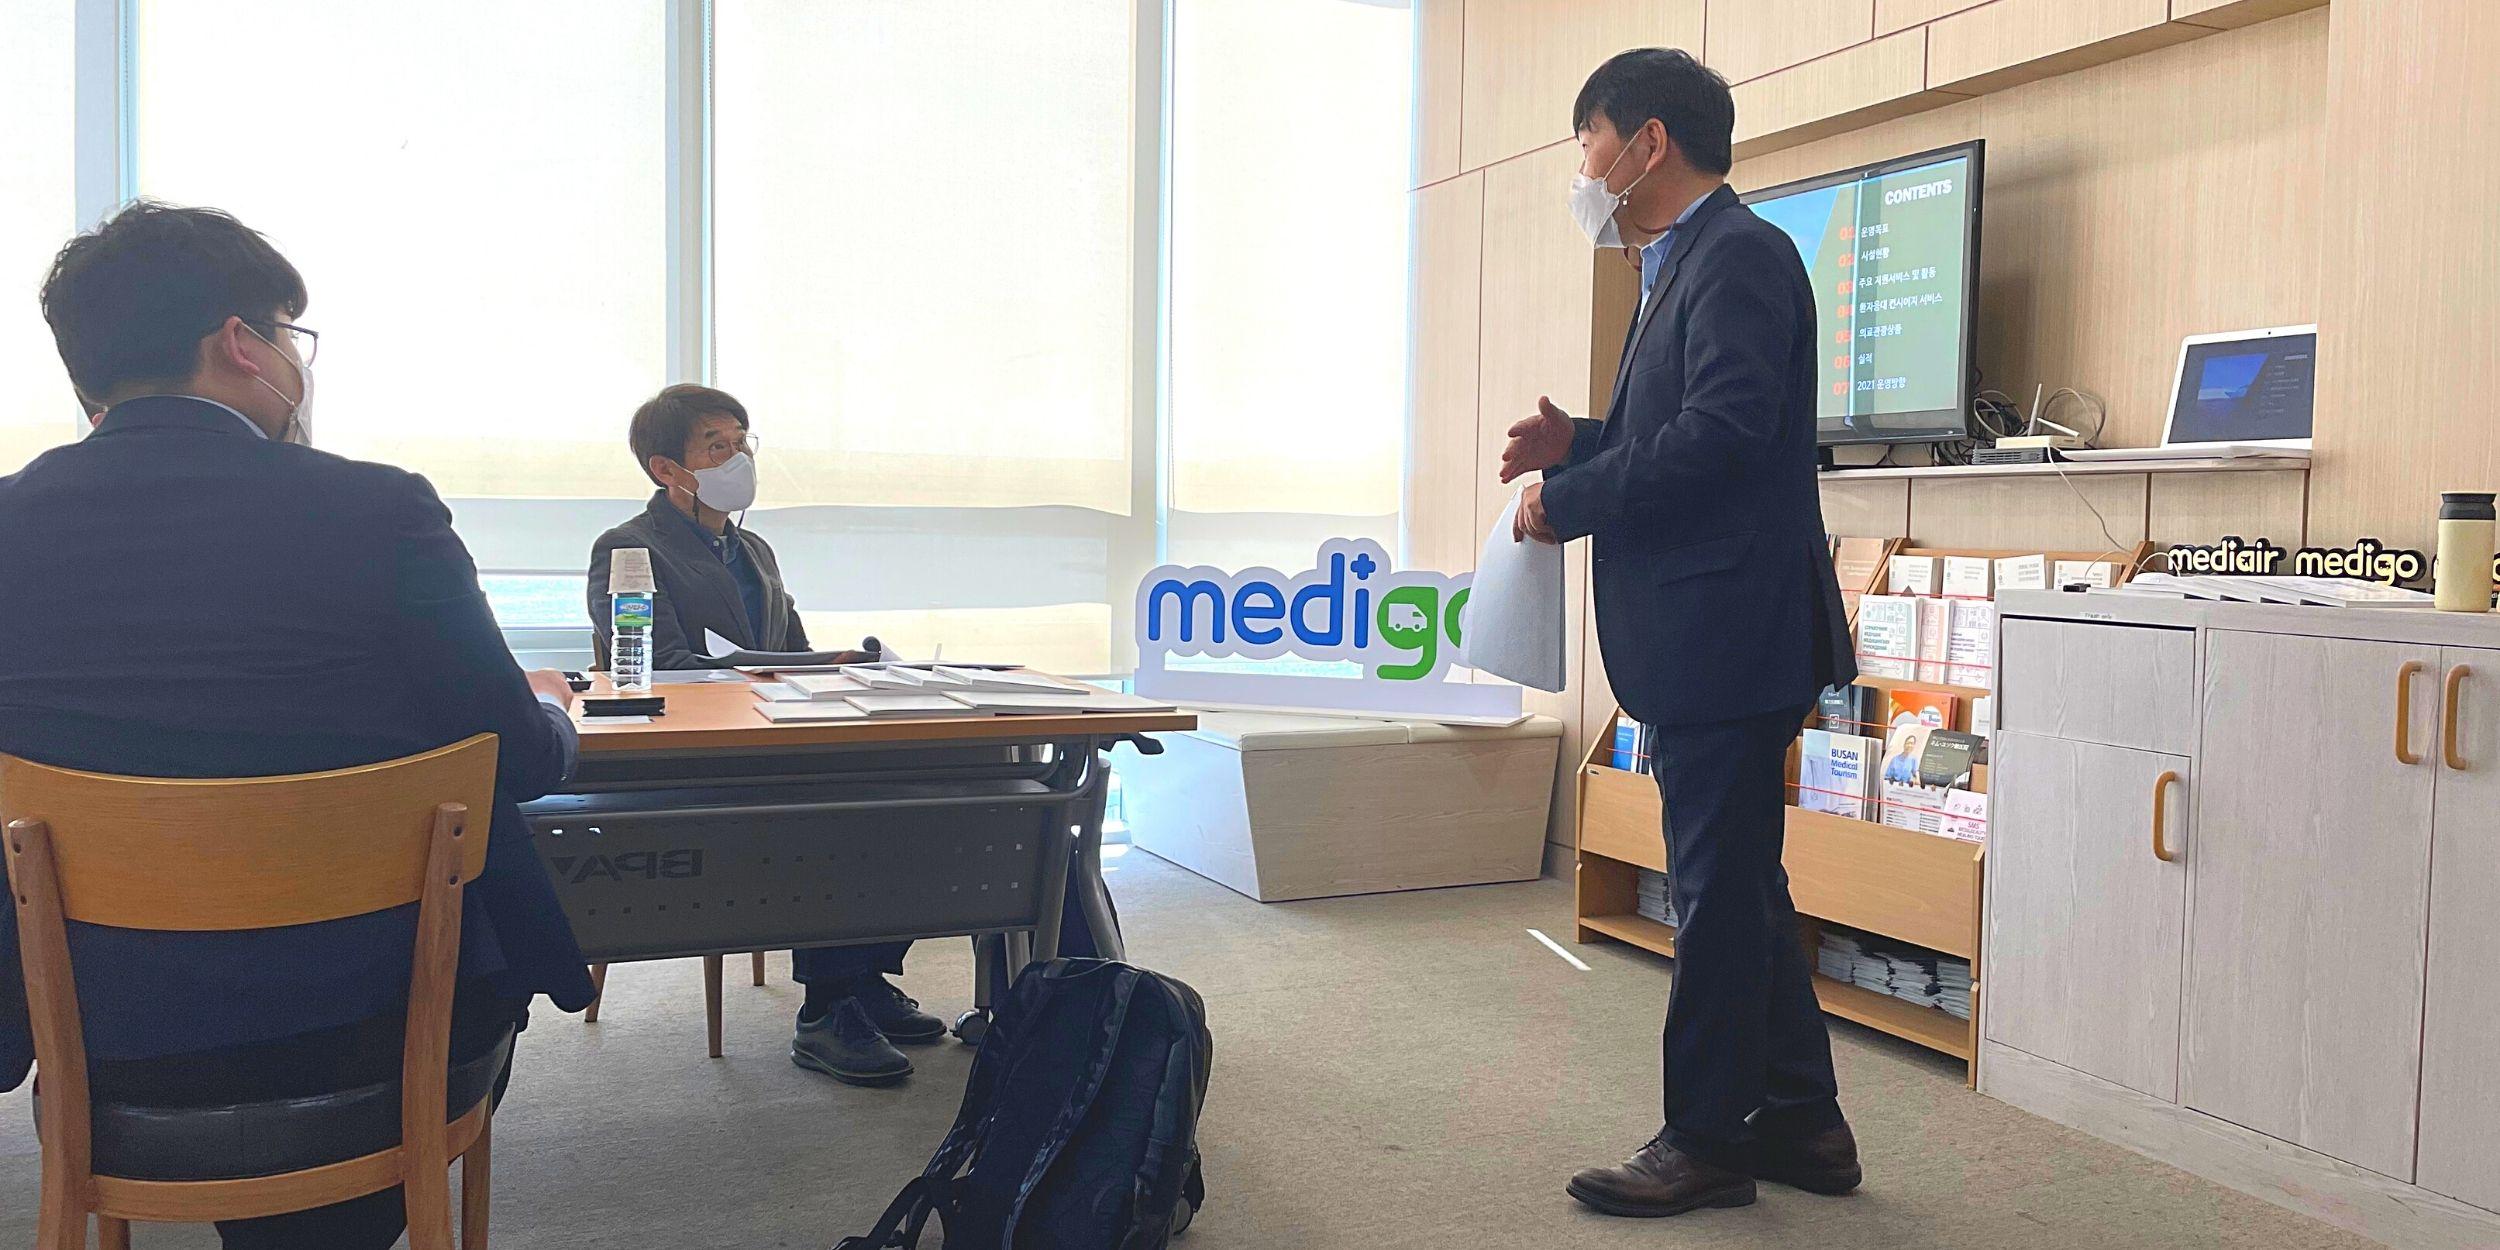 Новости: администрация Пусана планирует ввести купоны на кэшбэк за лечение